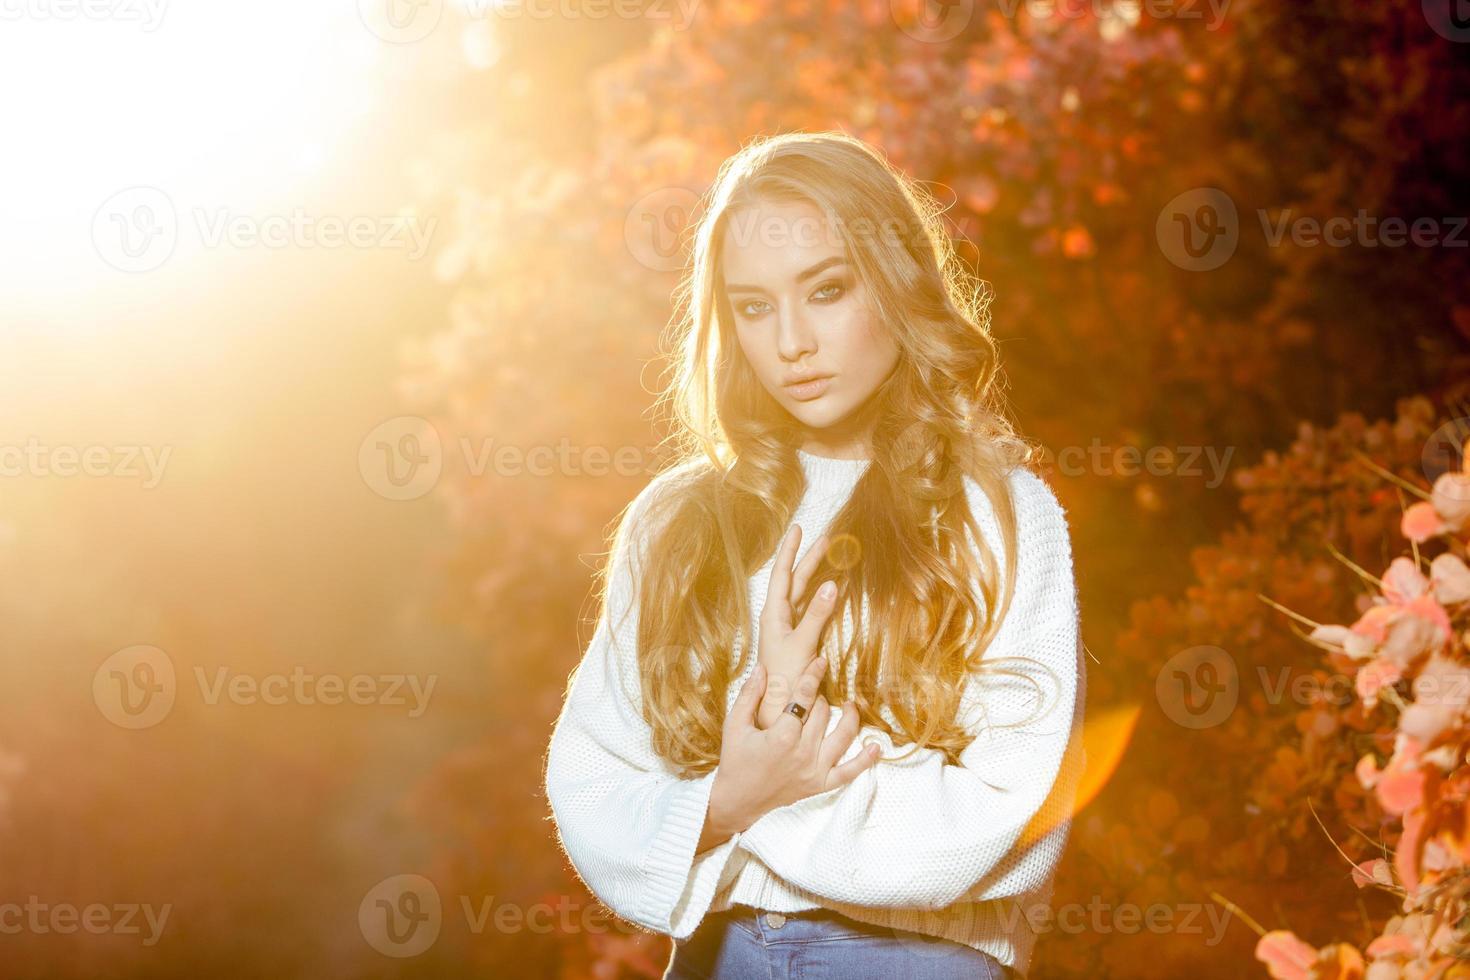 jeune femme sur fond d'automne rouge et jaune photo